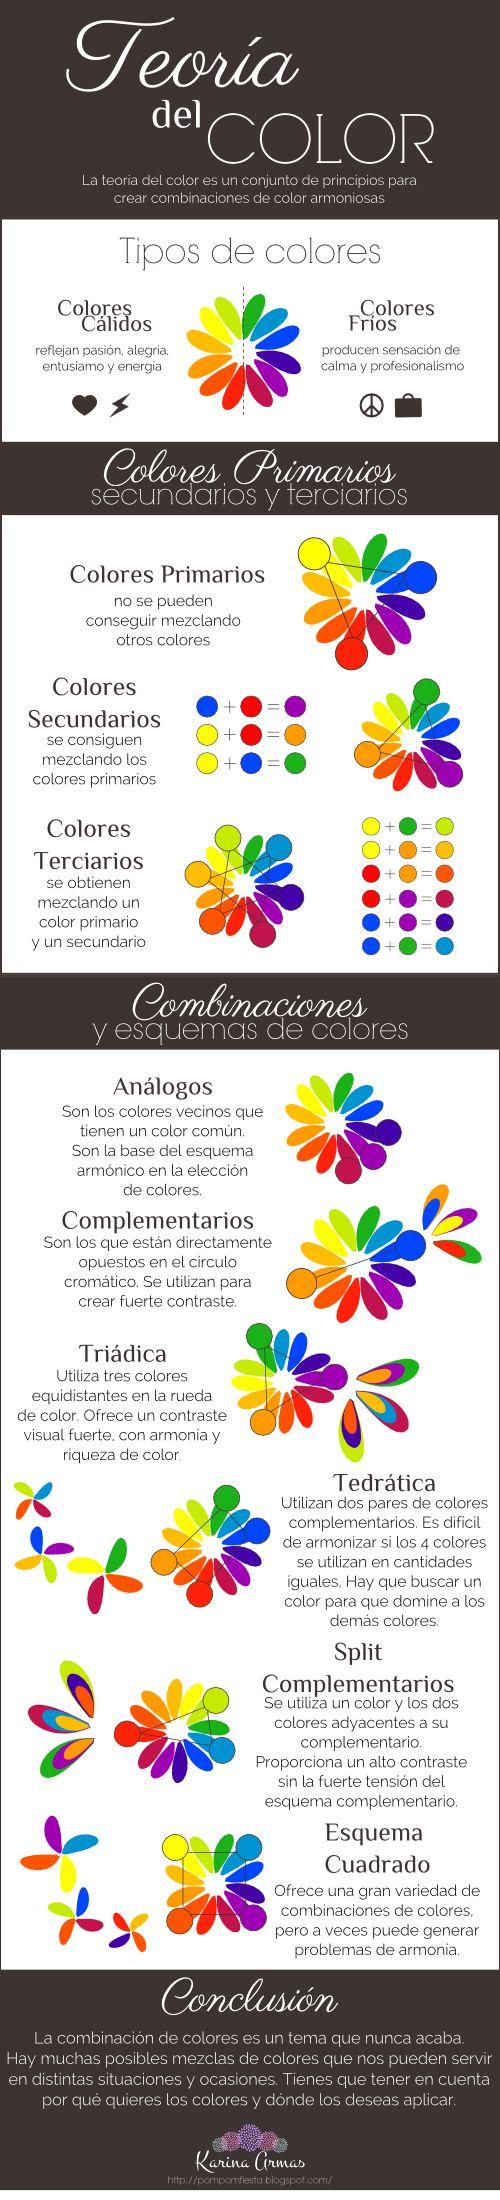 Aprende más sobre cómo combinar los colores con esta infografía de Teoría del colore http://pompomfiesta.blogspot.com/2014/08/teoria-del-color.html